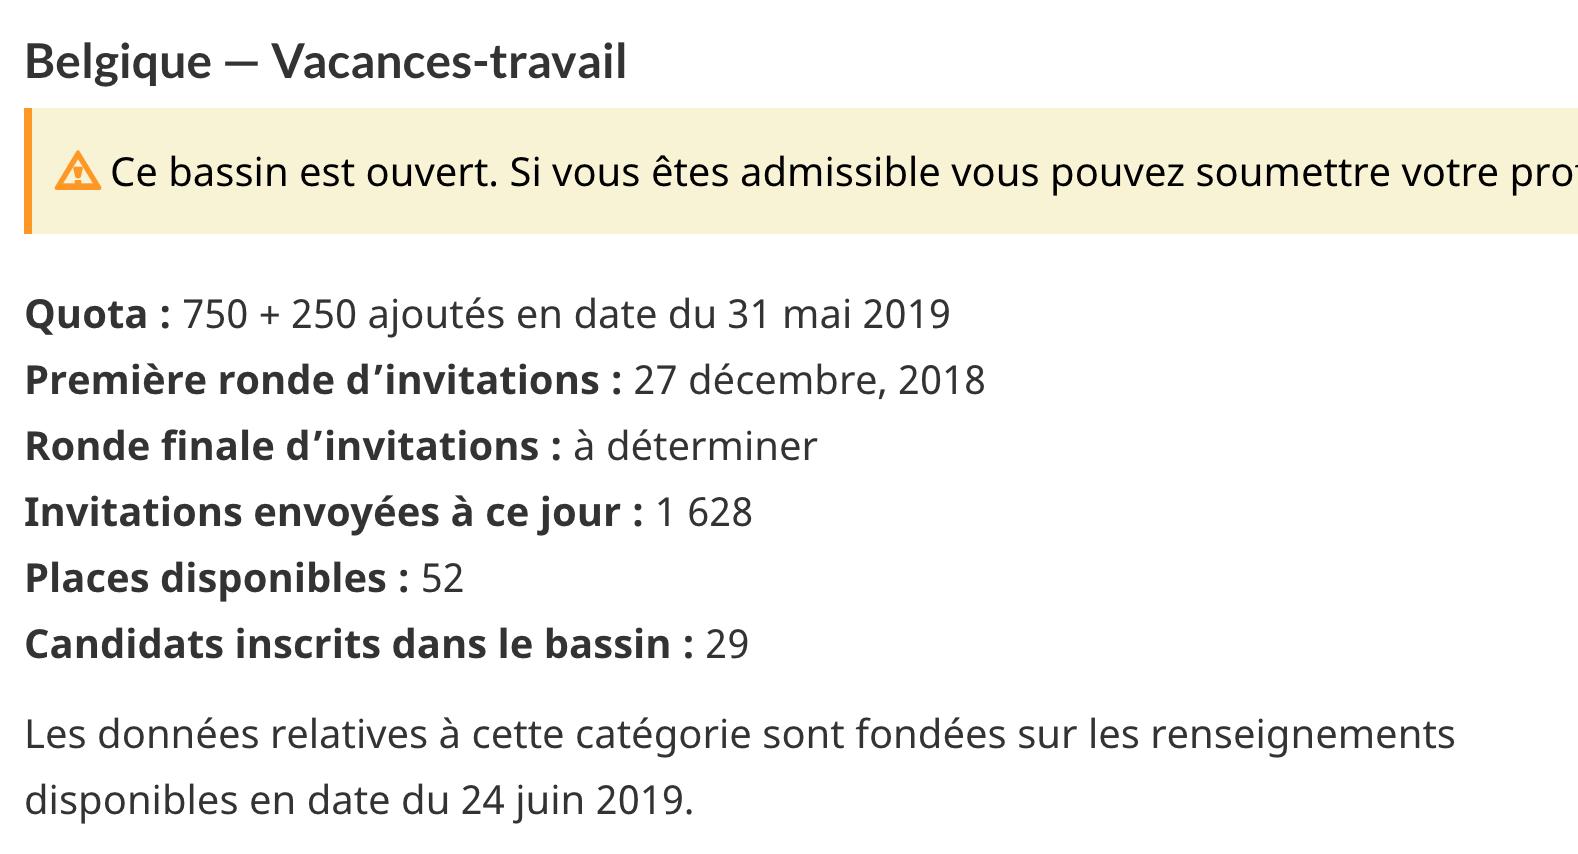 PVT Canada 2019 pour les Belges